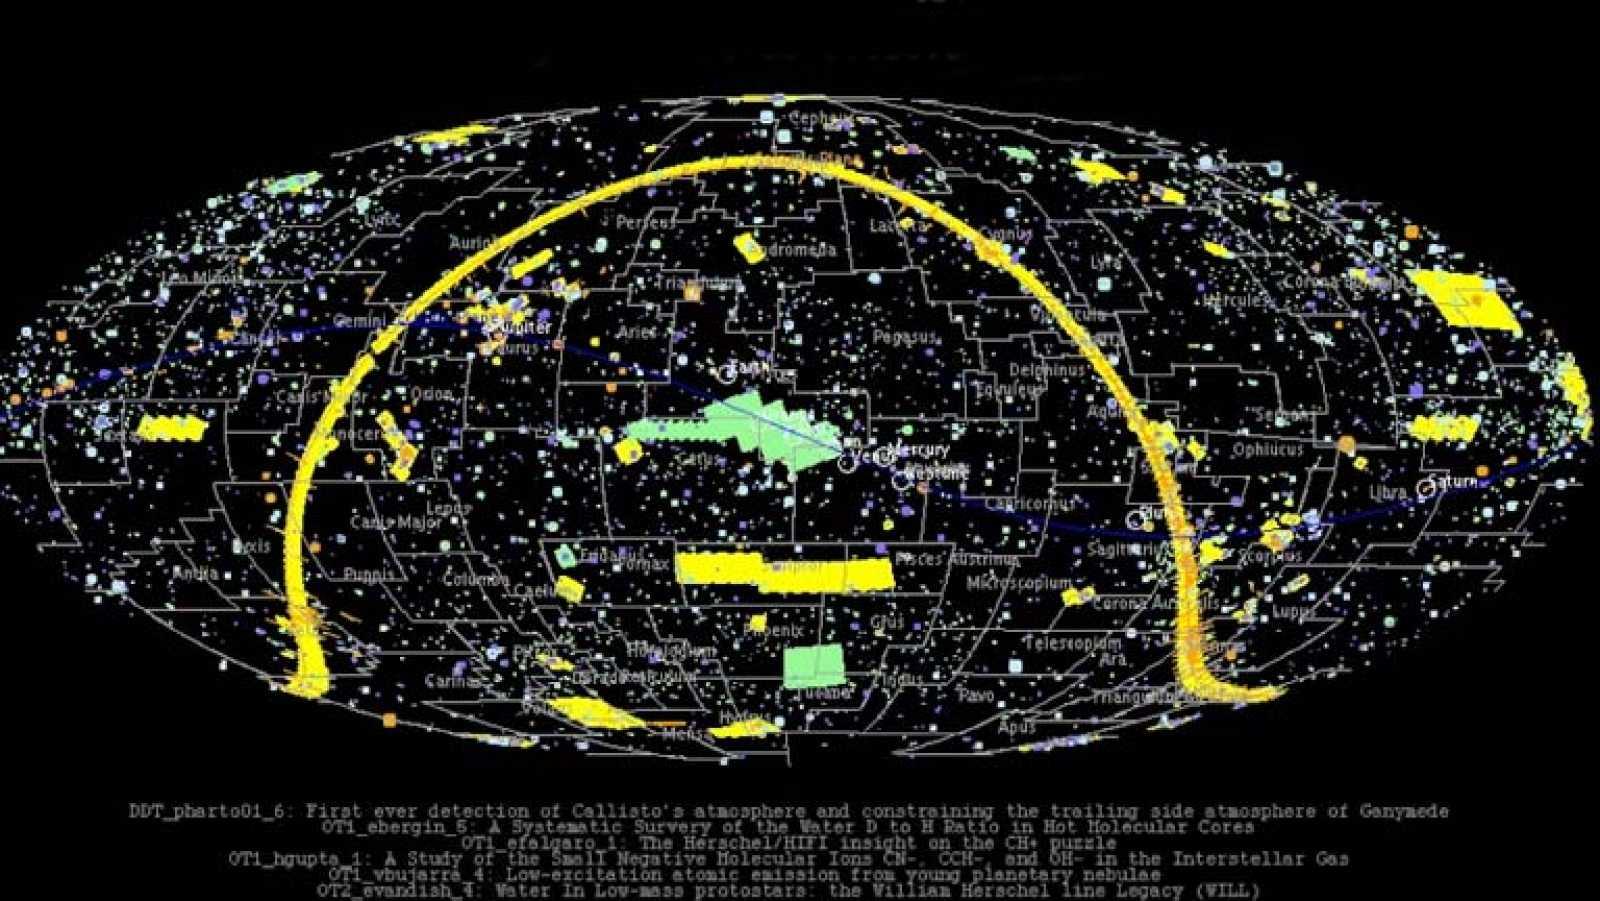 Las 37.000 observaciones de Herschel